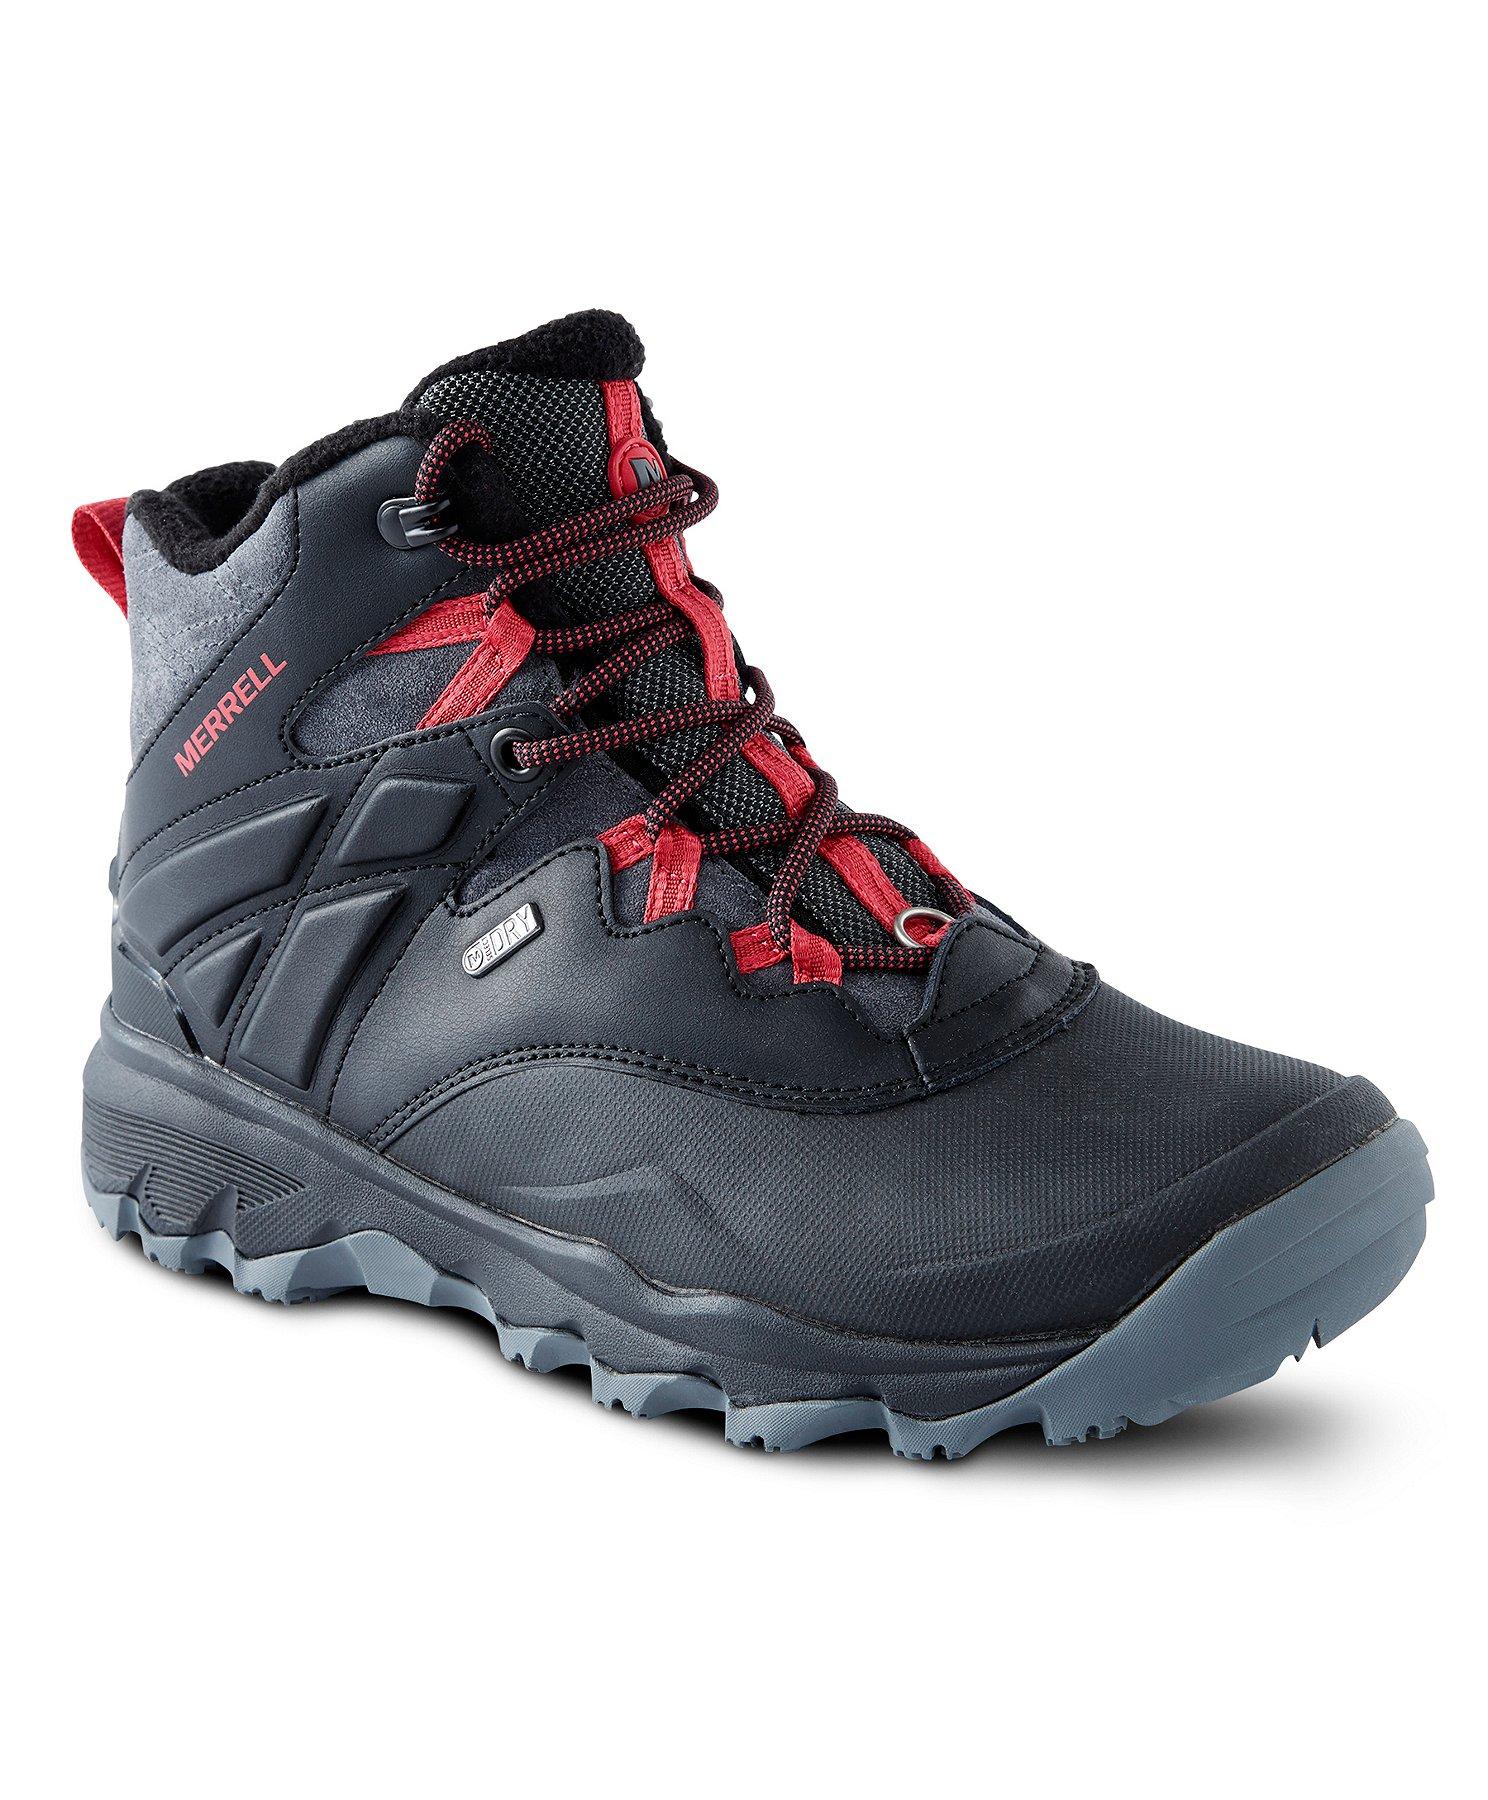 Chaussures de randonnée d'hiver étanches à l'eau pour femmes, Thermo Adventure